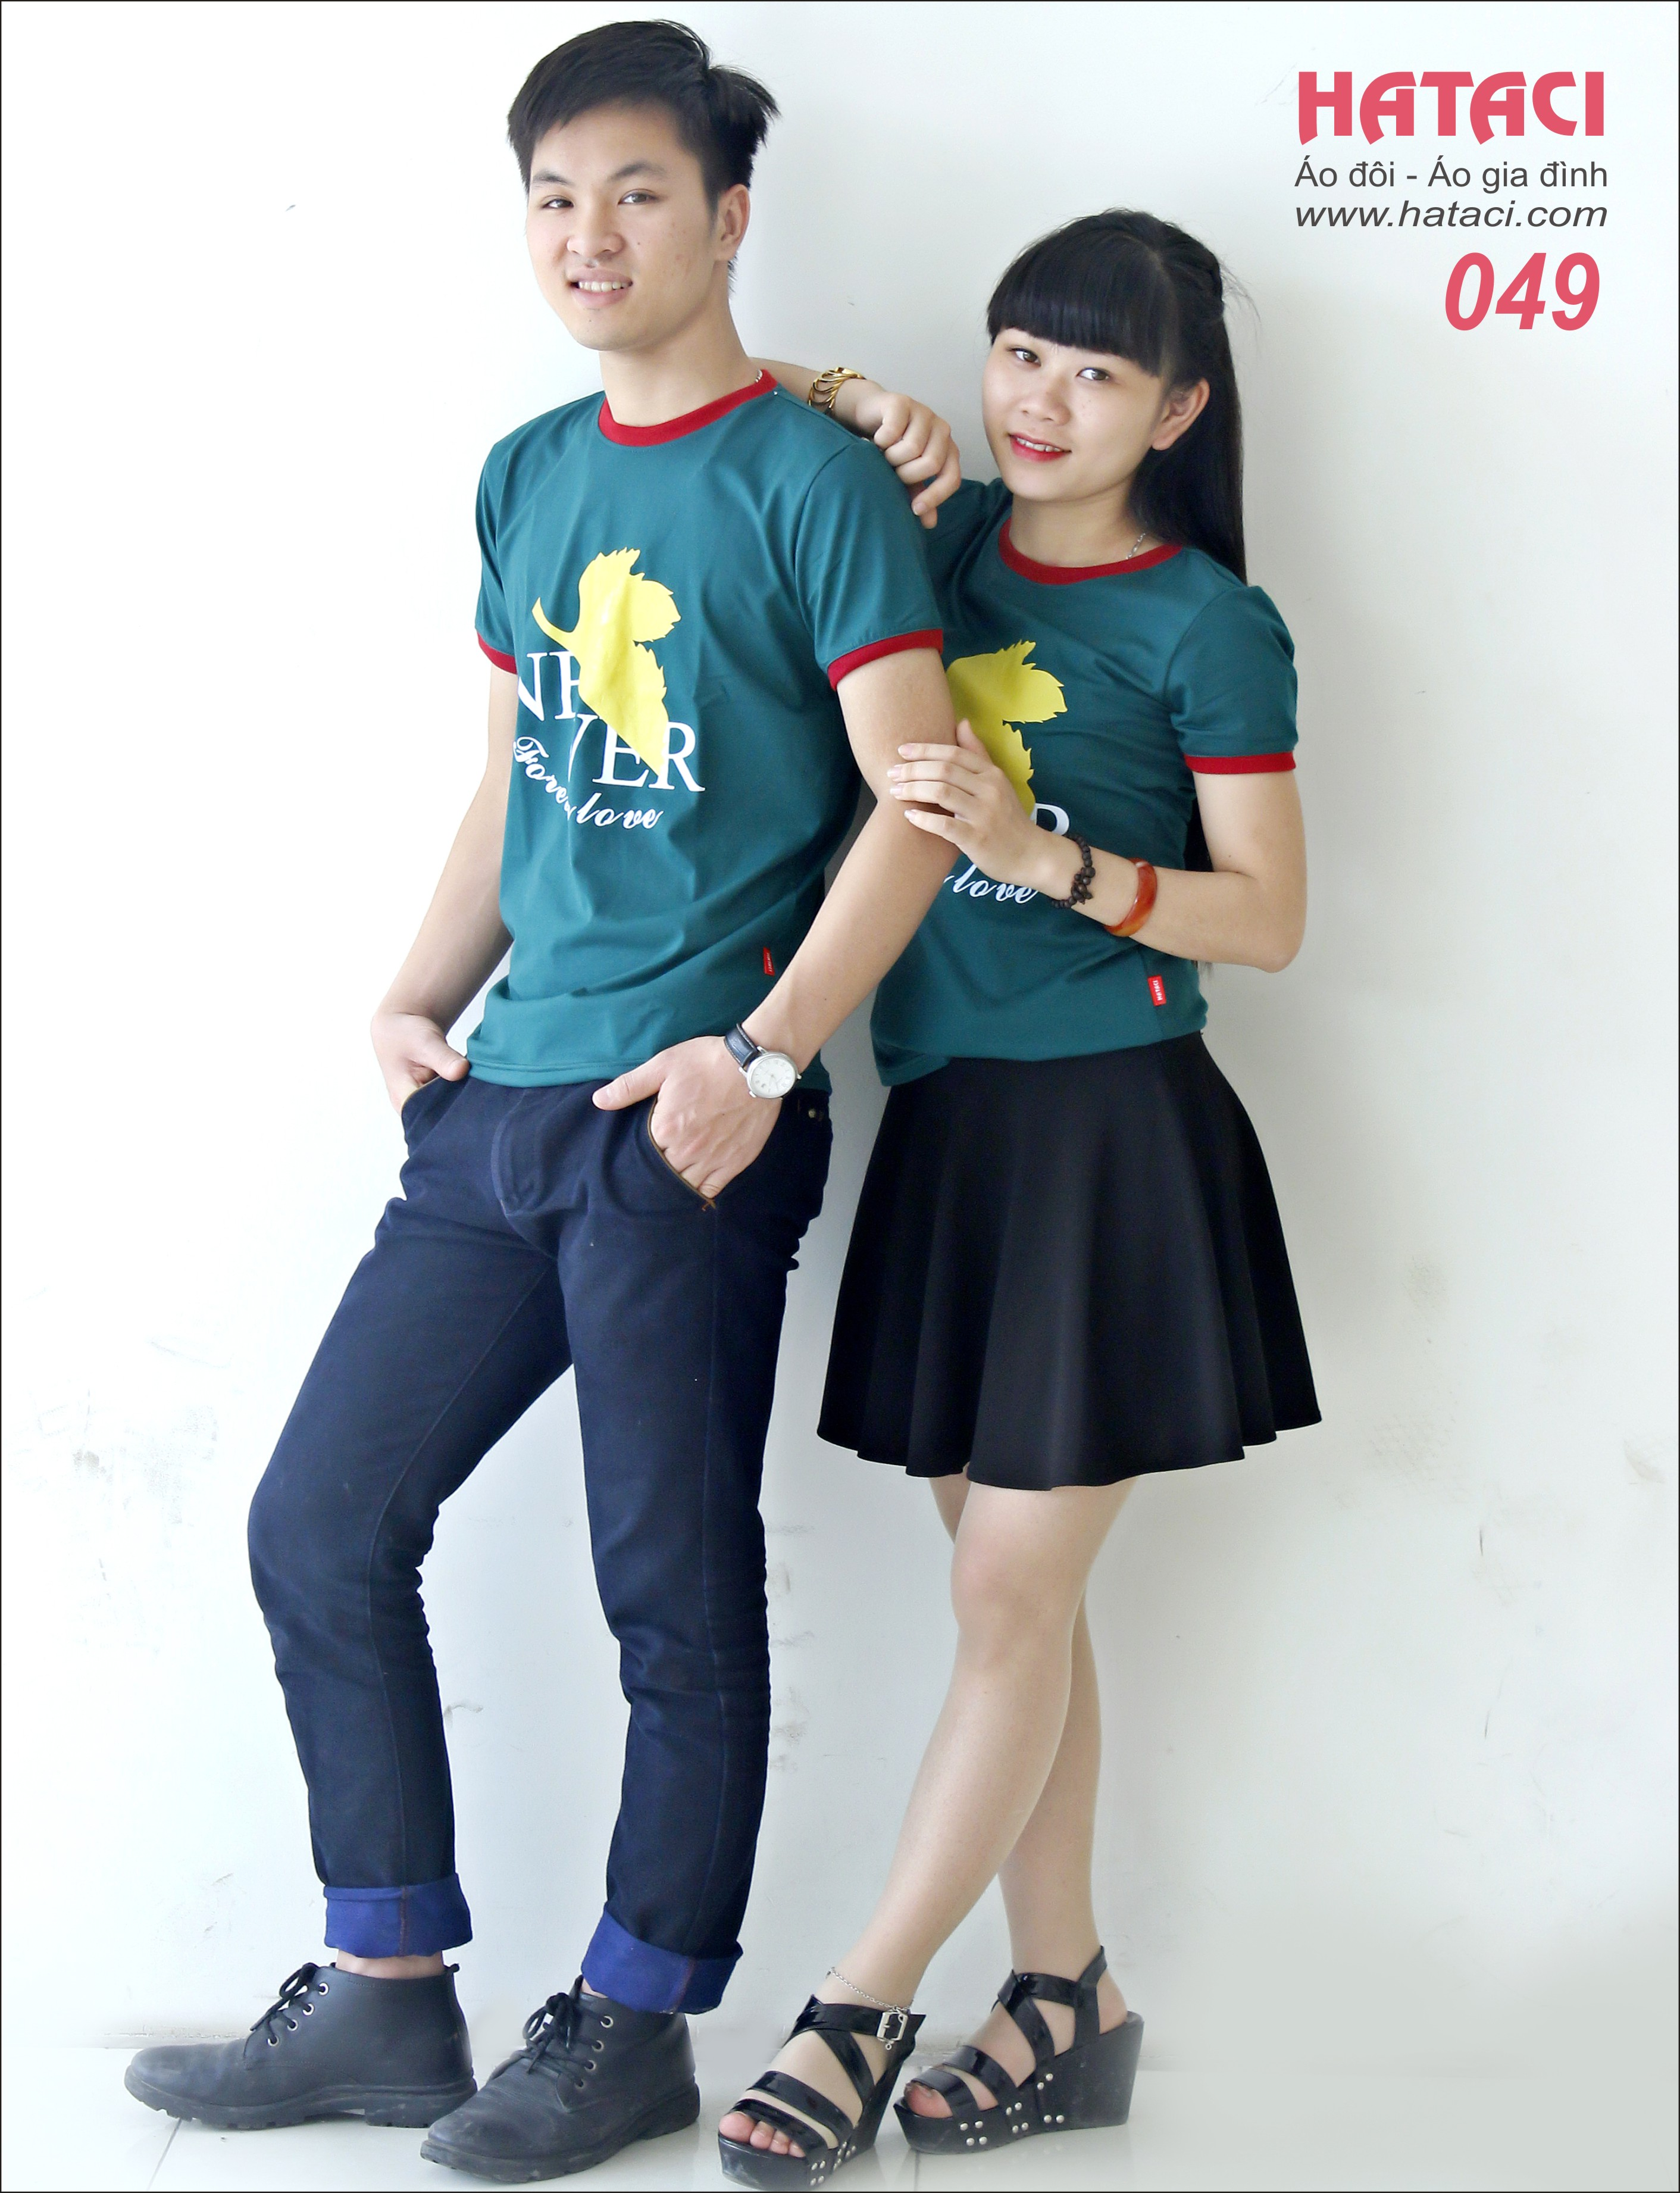 7 Mua áo đôi cửa hàng Hataci 191 Bạch Mai , Hà Nội